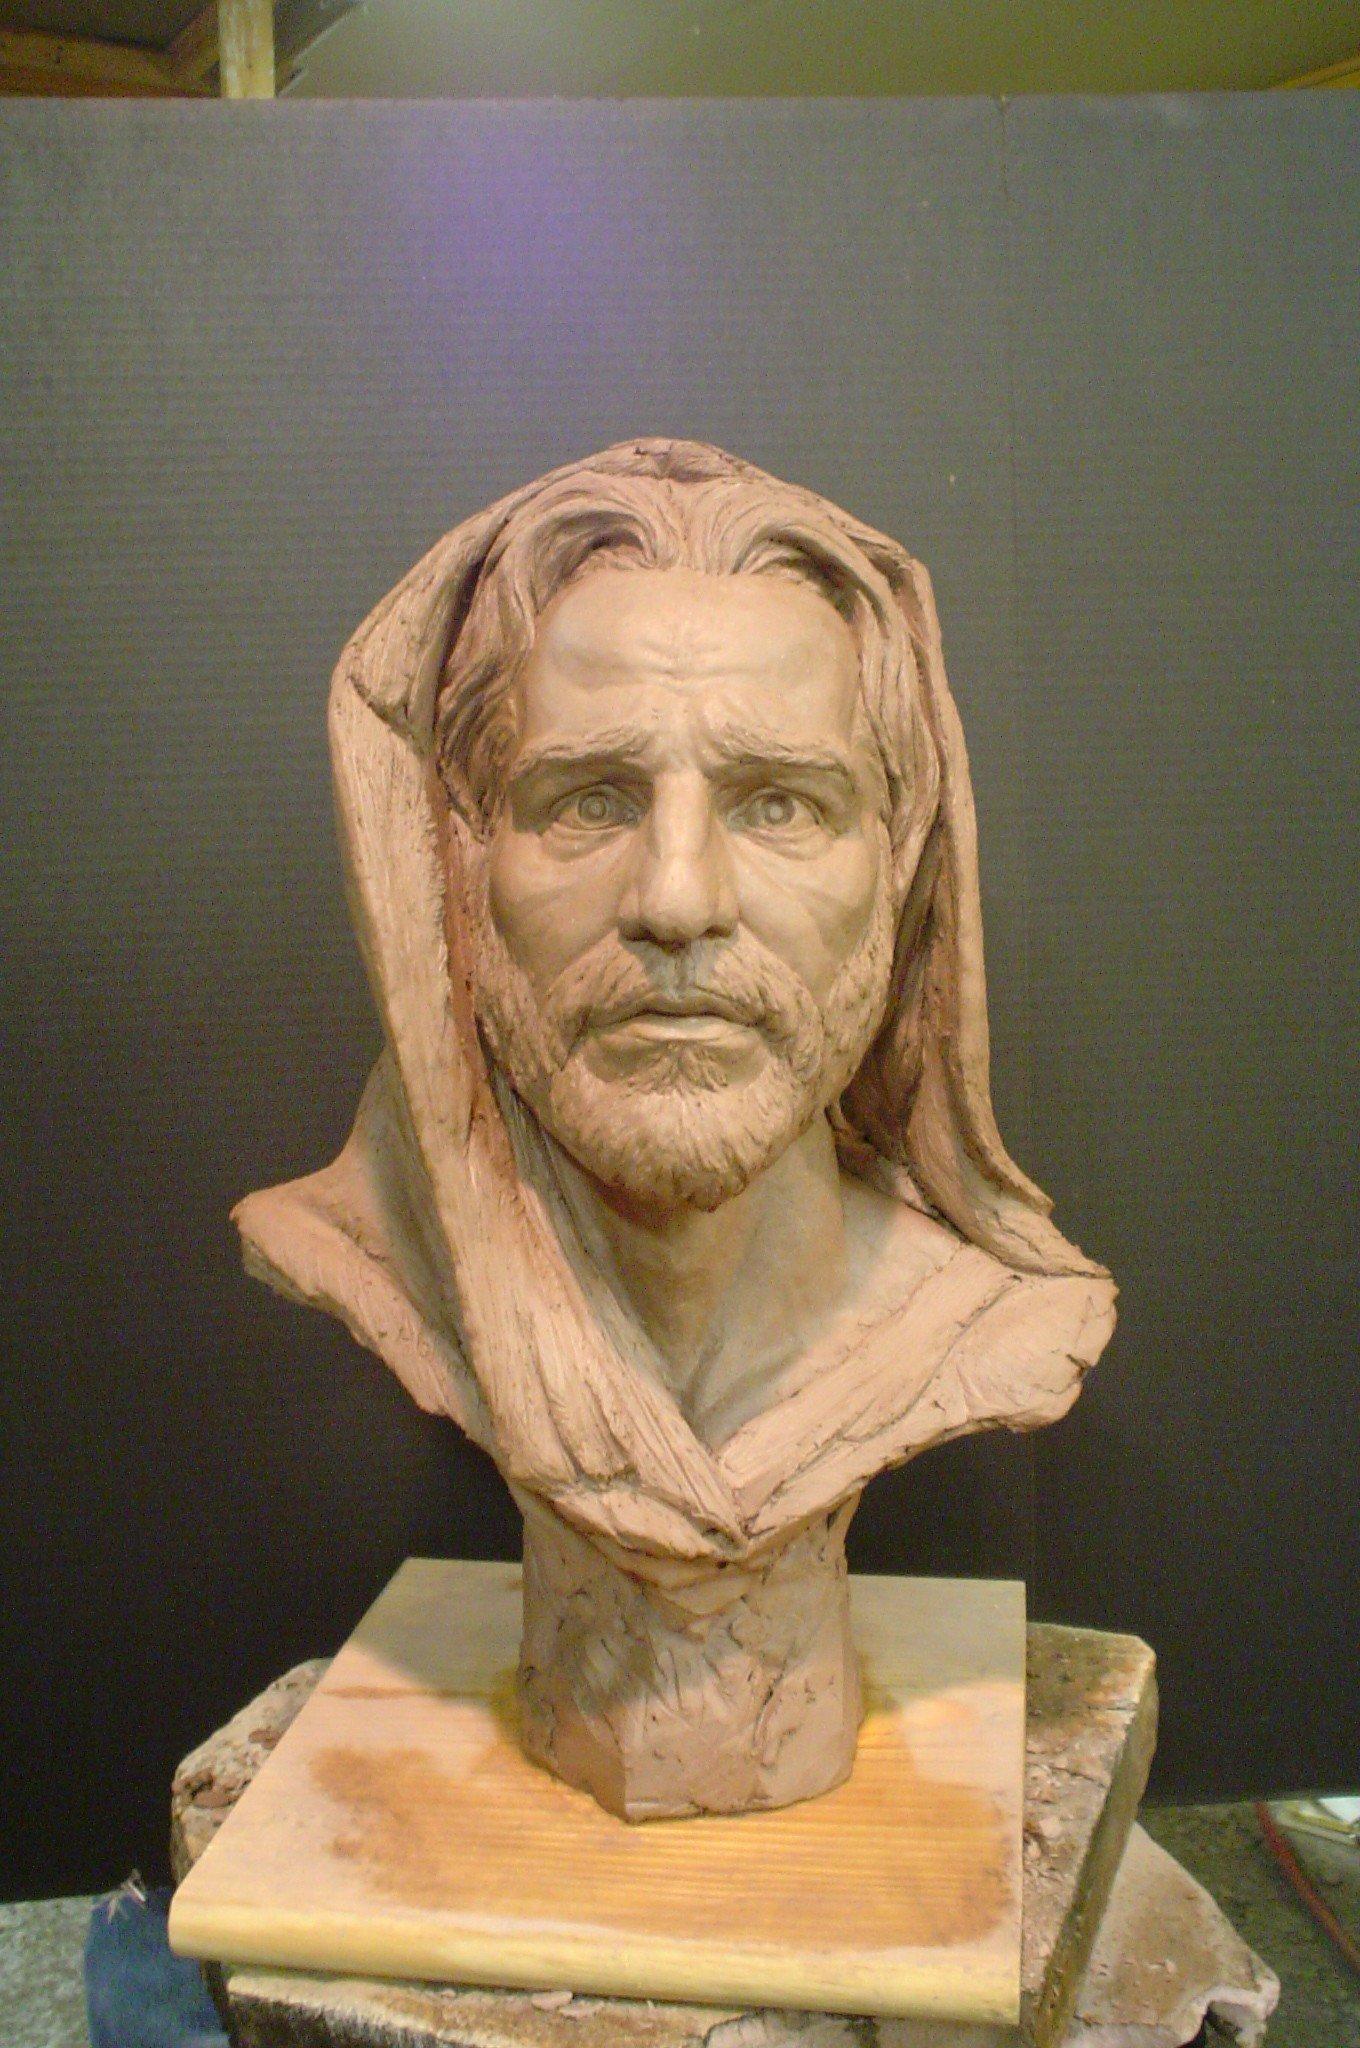 Hand Sculpted Gift Portrait of Jesus Christ of Nazareth, Religous Christian Art for Men, Women, & Children (Bronze & Marble Finishes)